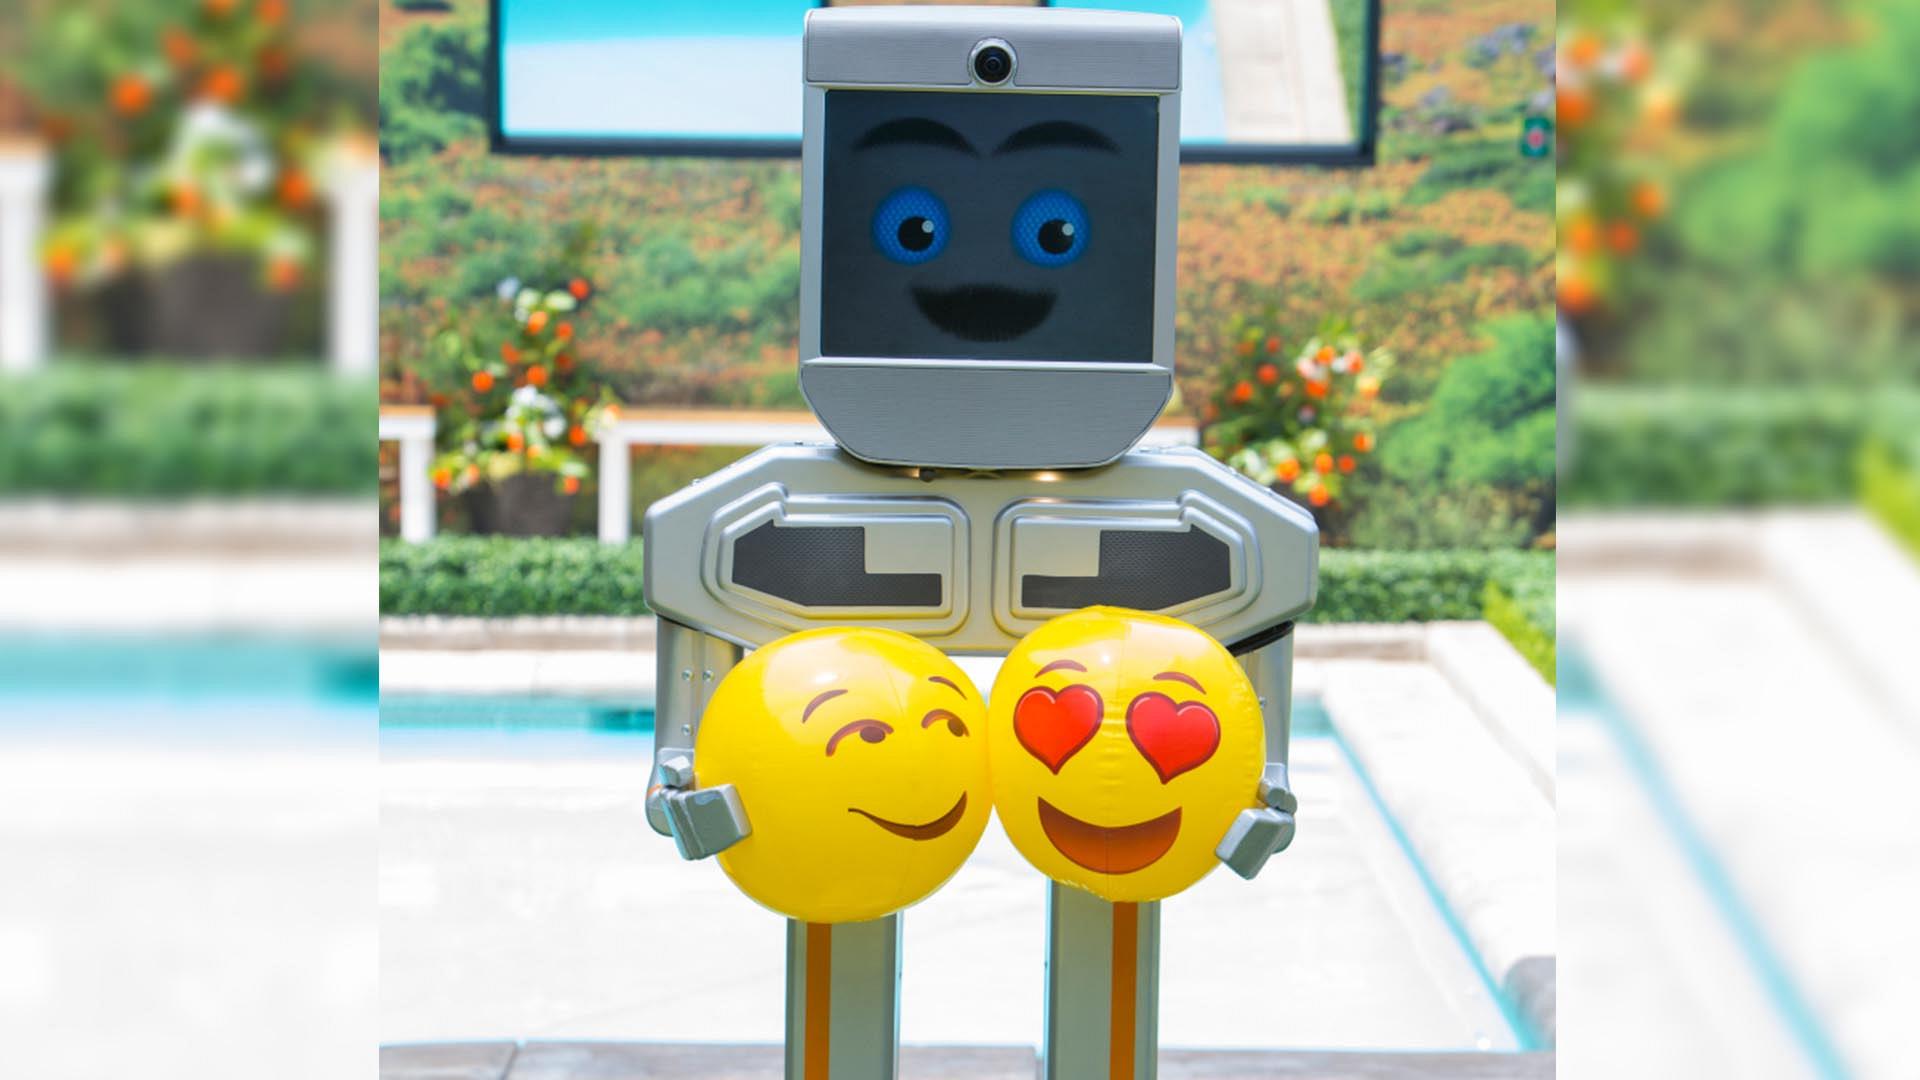 Sam as a robot